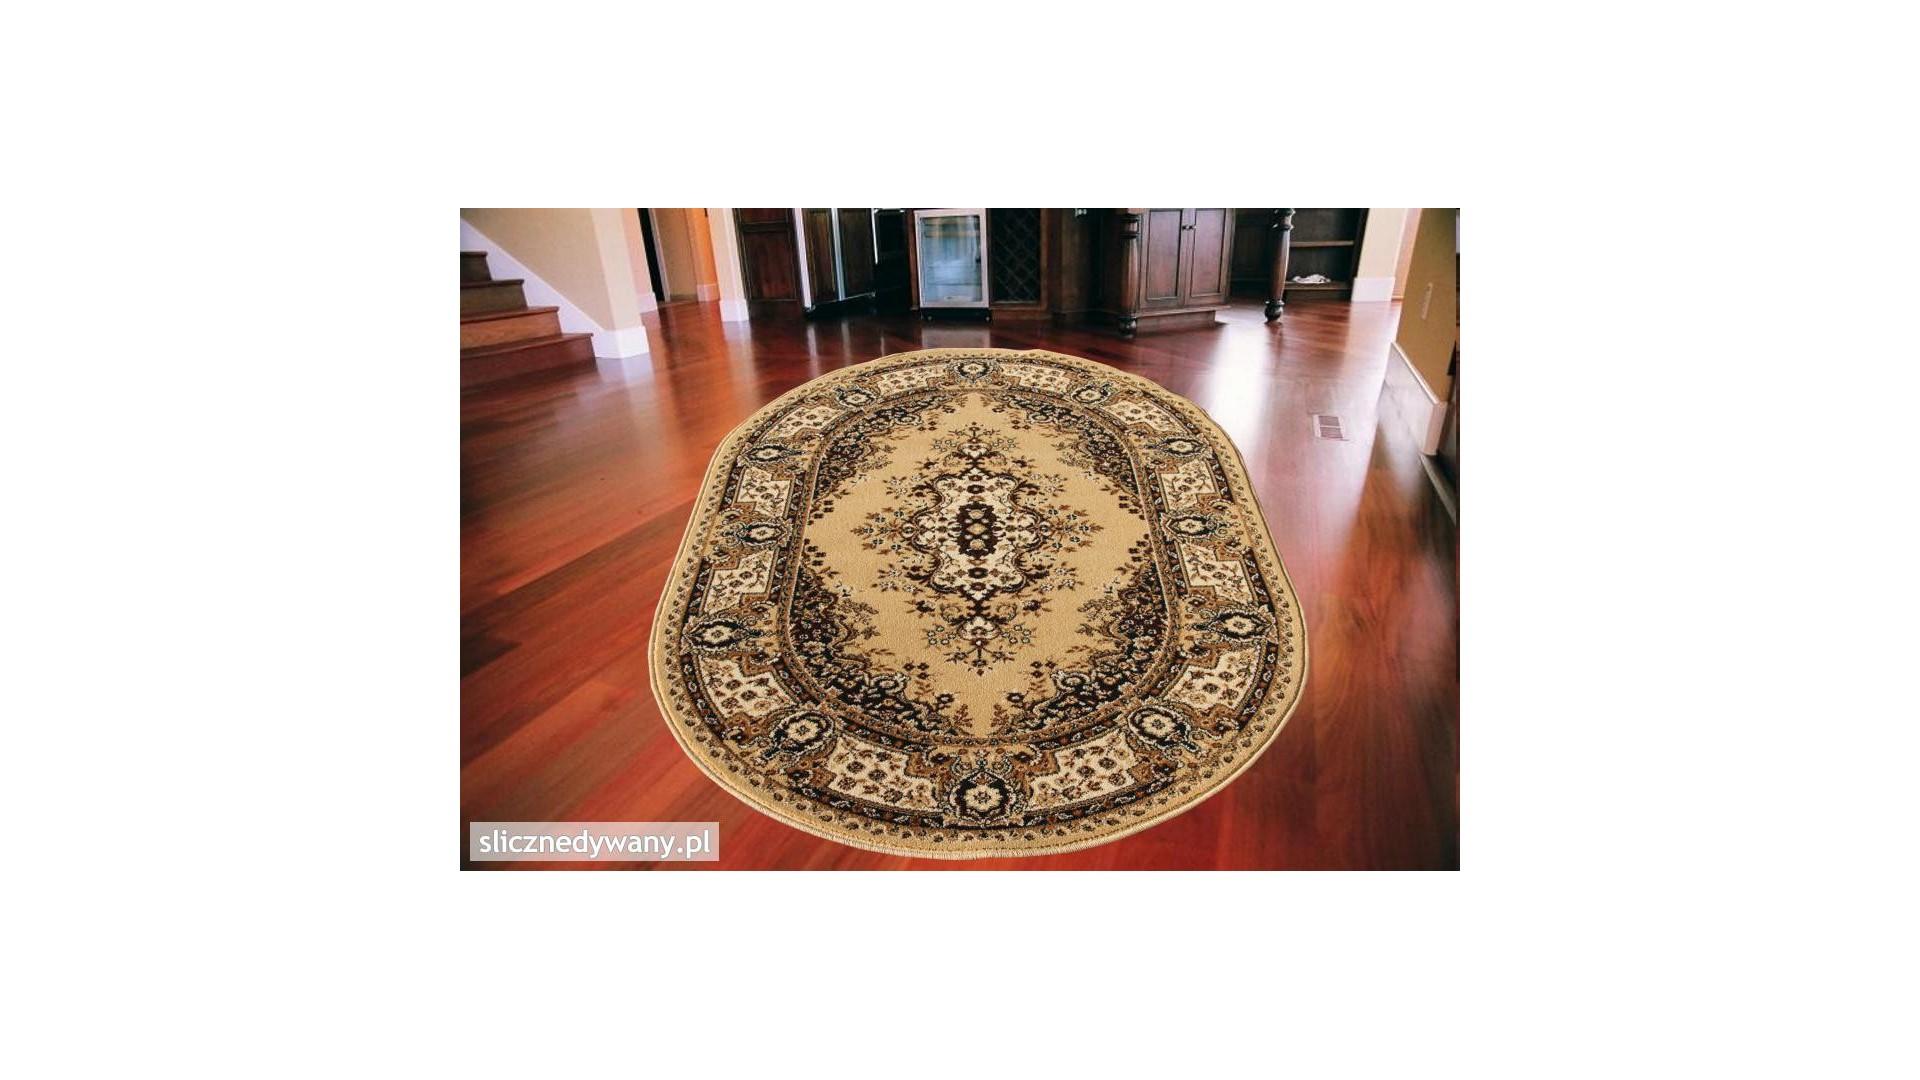 Przepiękny klasyczny dywan do salonu i sypialni.